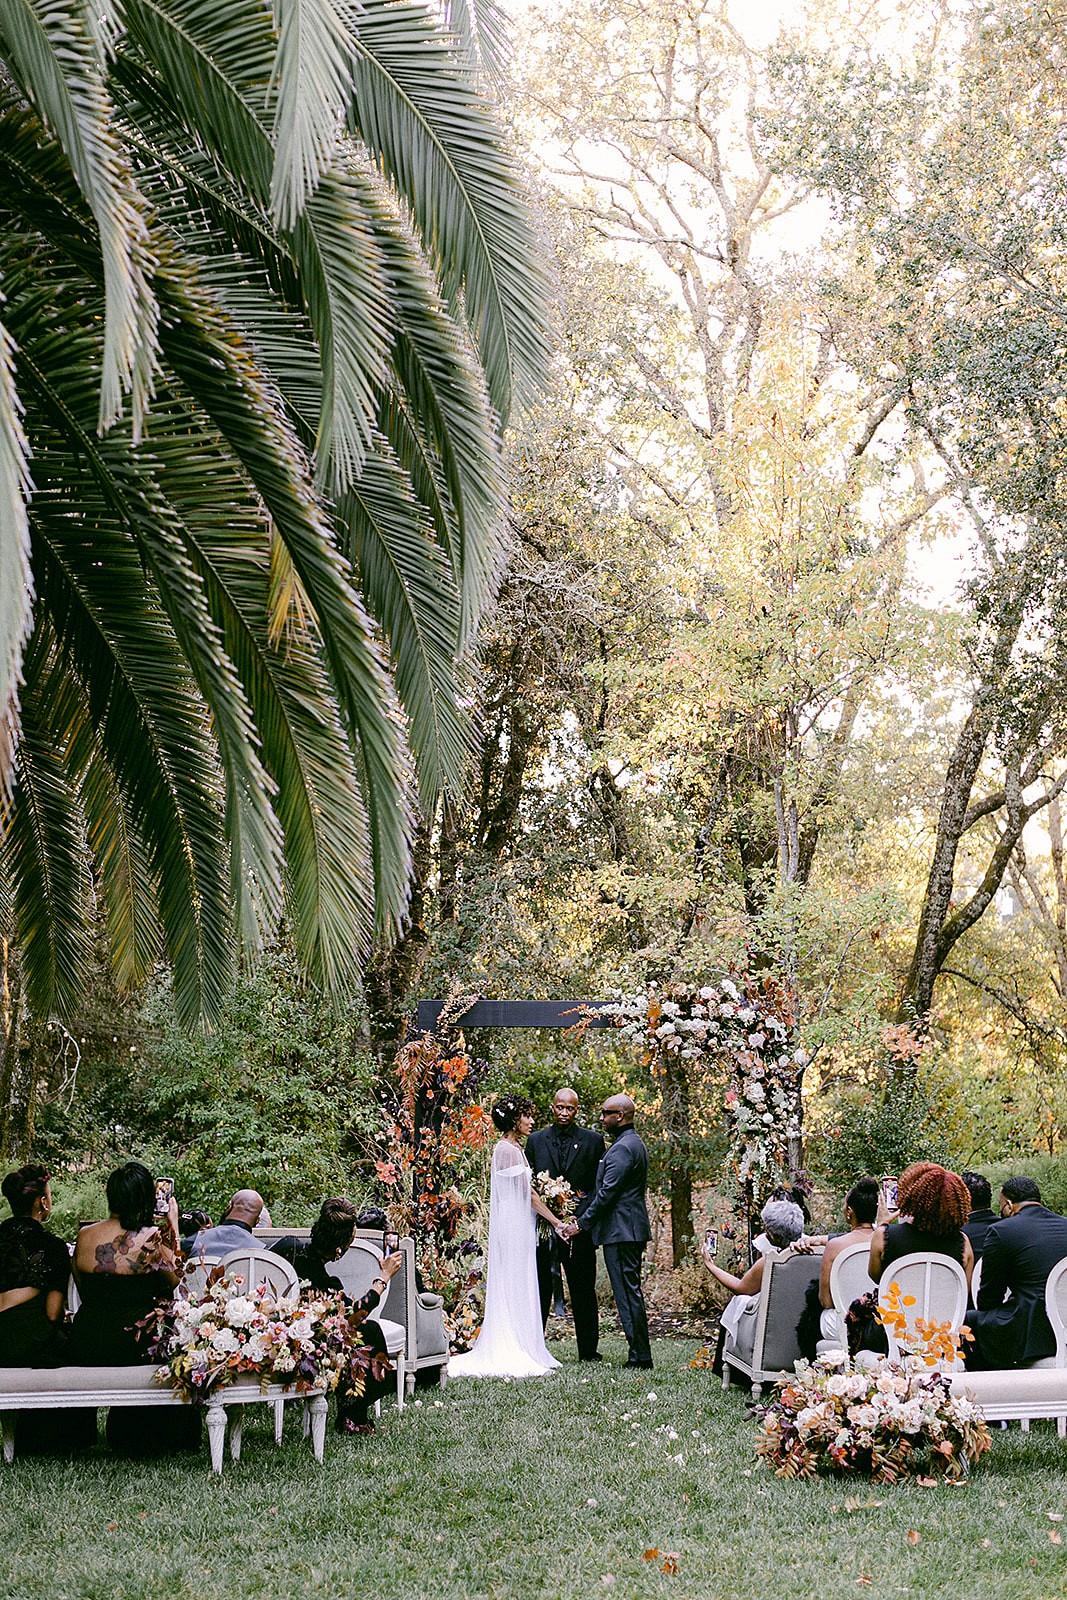 wedding traditions - Lea Stafford